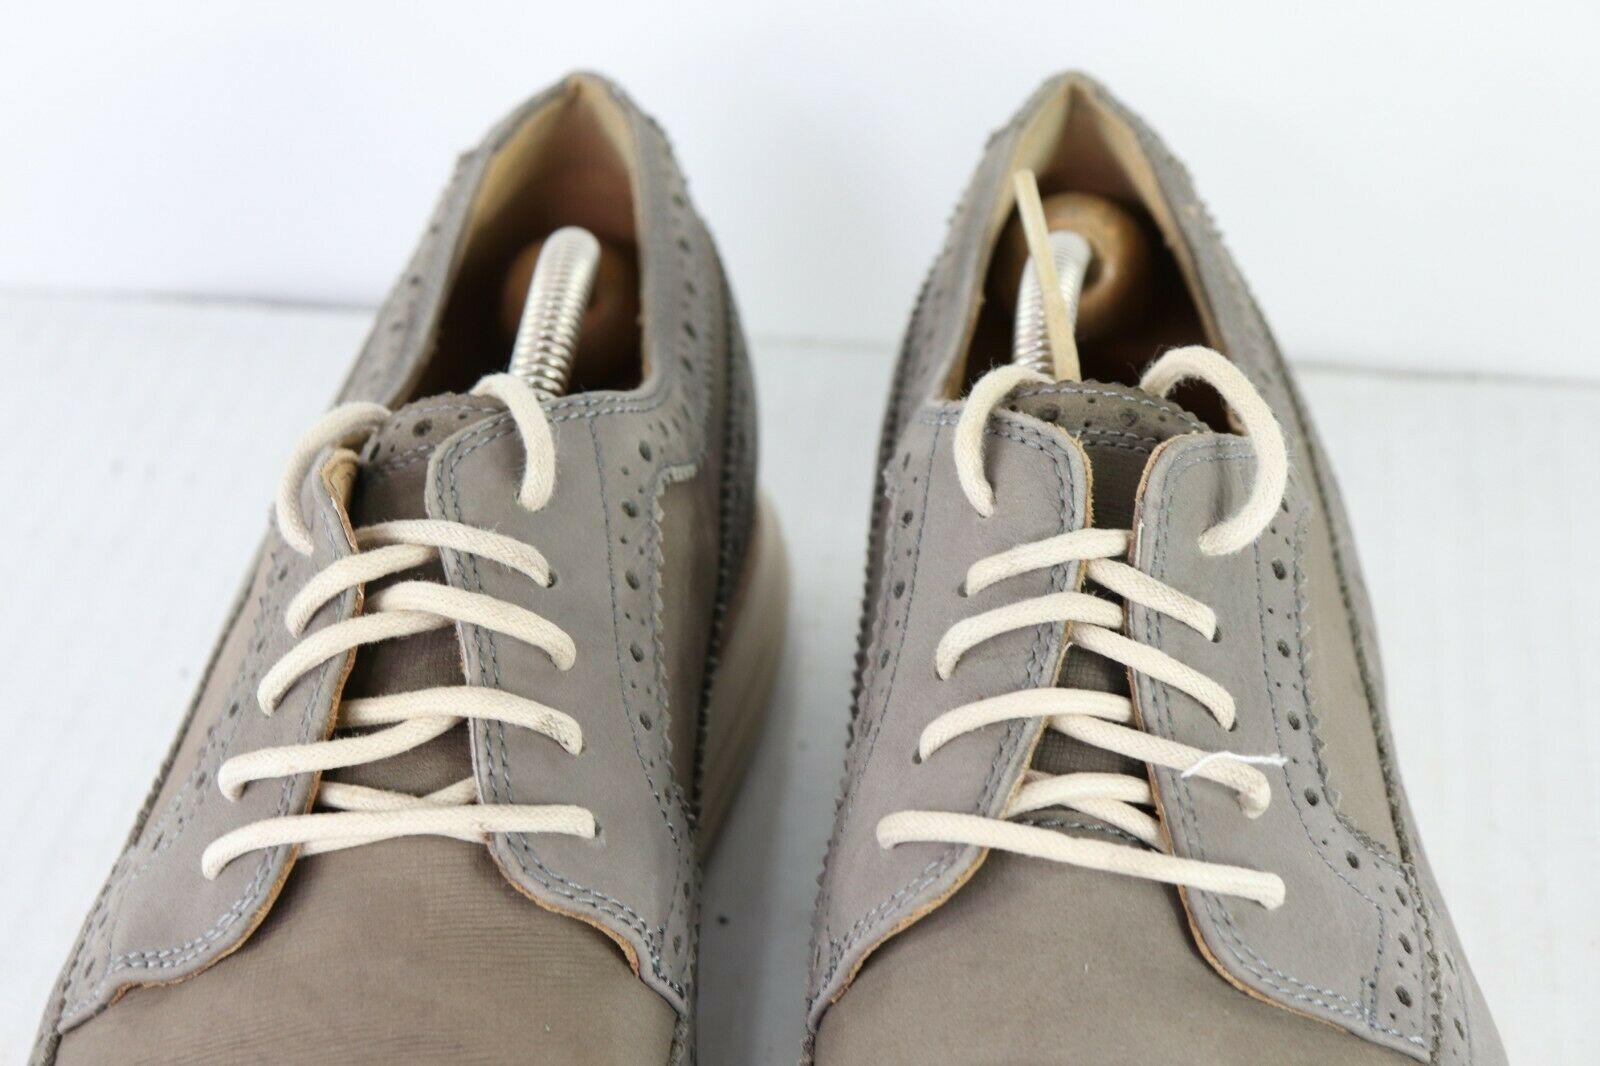 Cole Haan Lunargrand Hombre Talla 11.5 M Piel Zapatos Oxford Vestido Gris